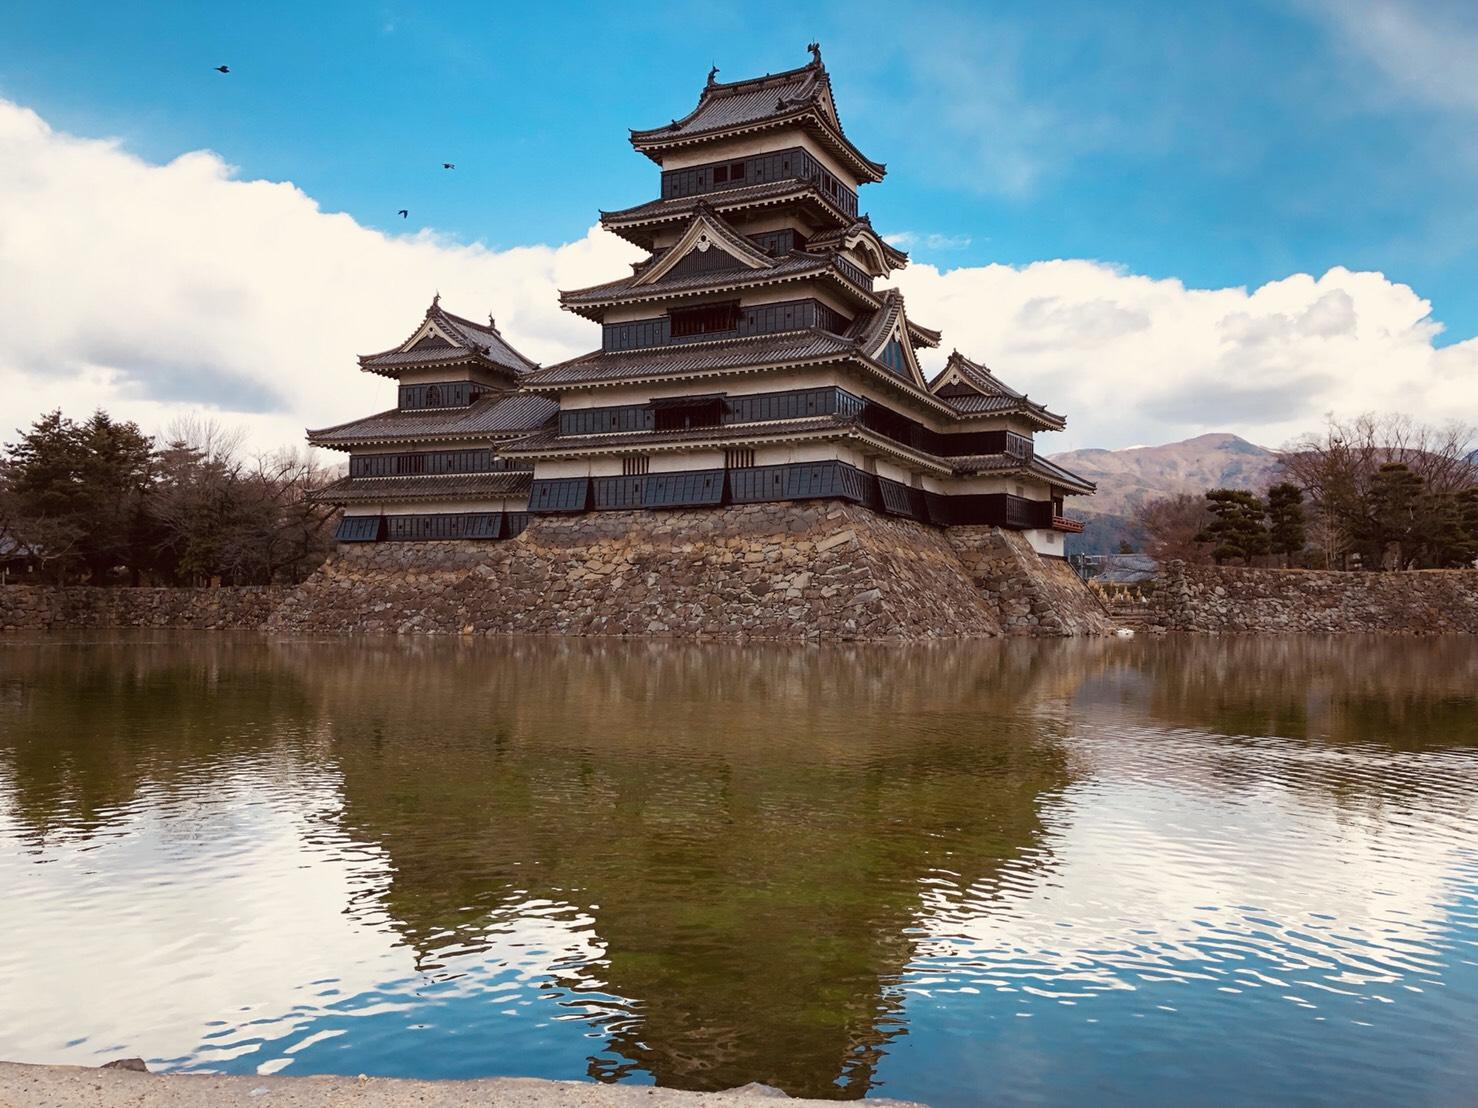 国宝指定、現存天守の【松本城】